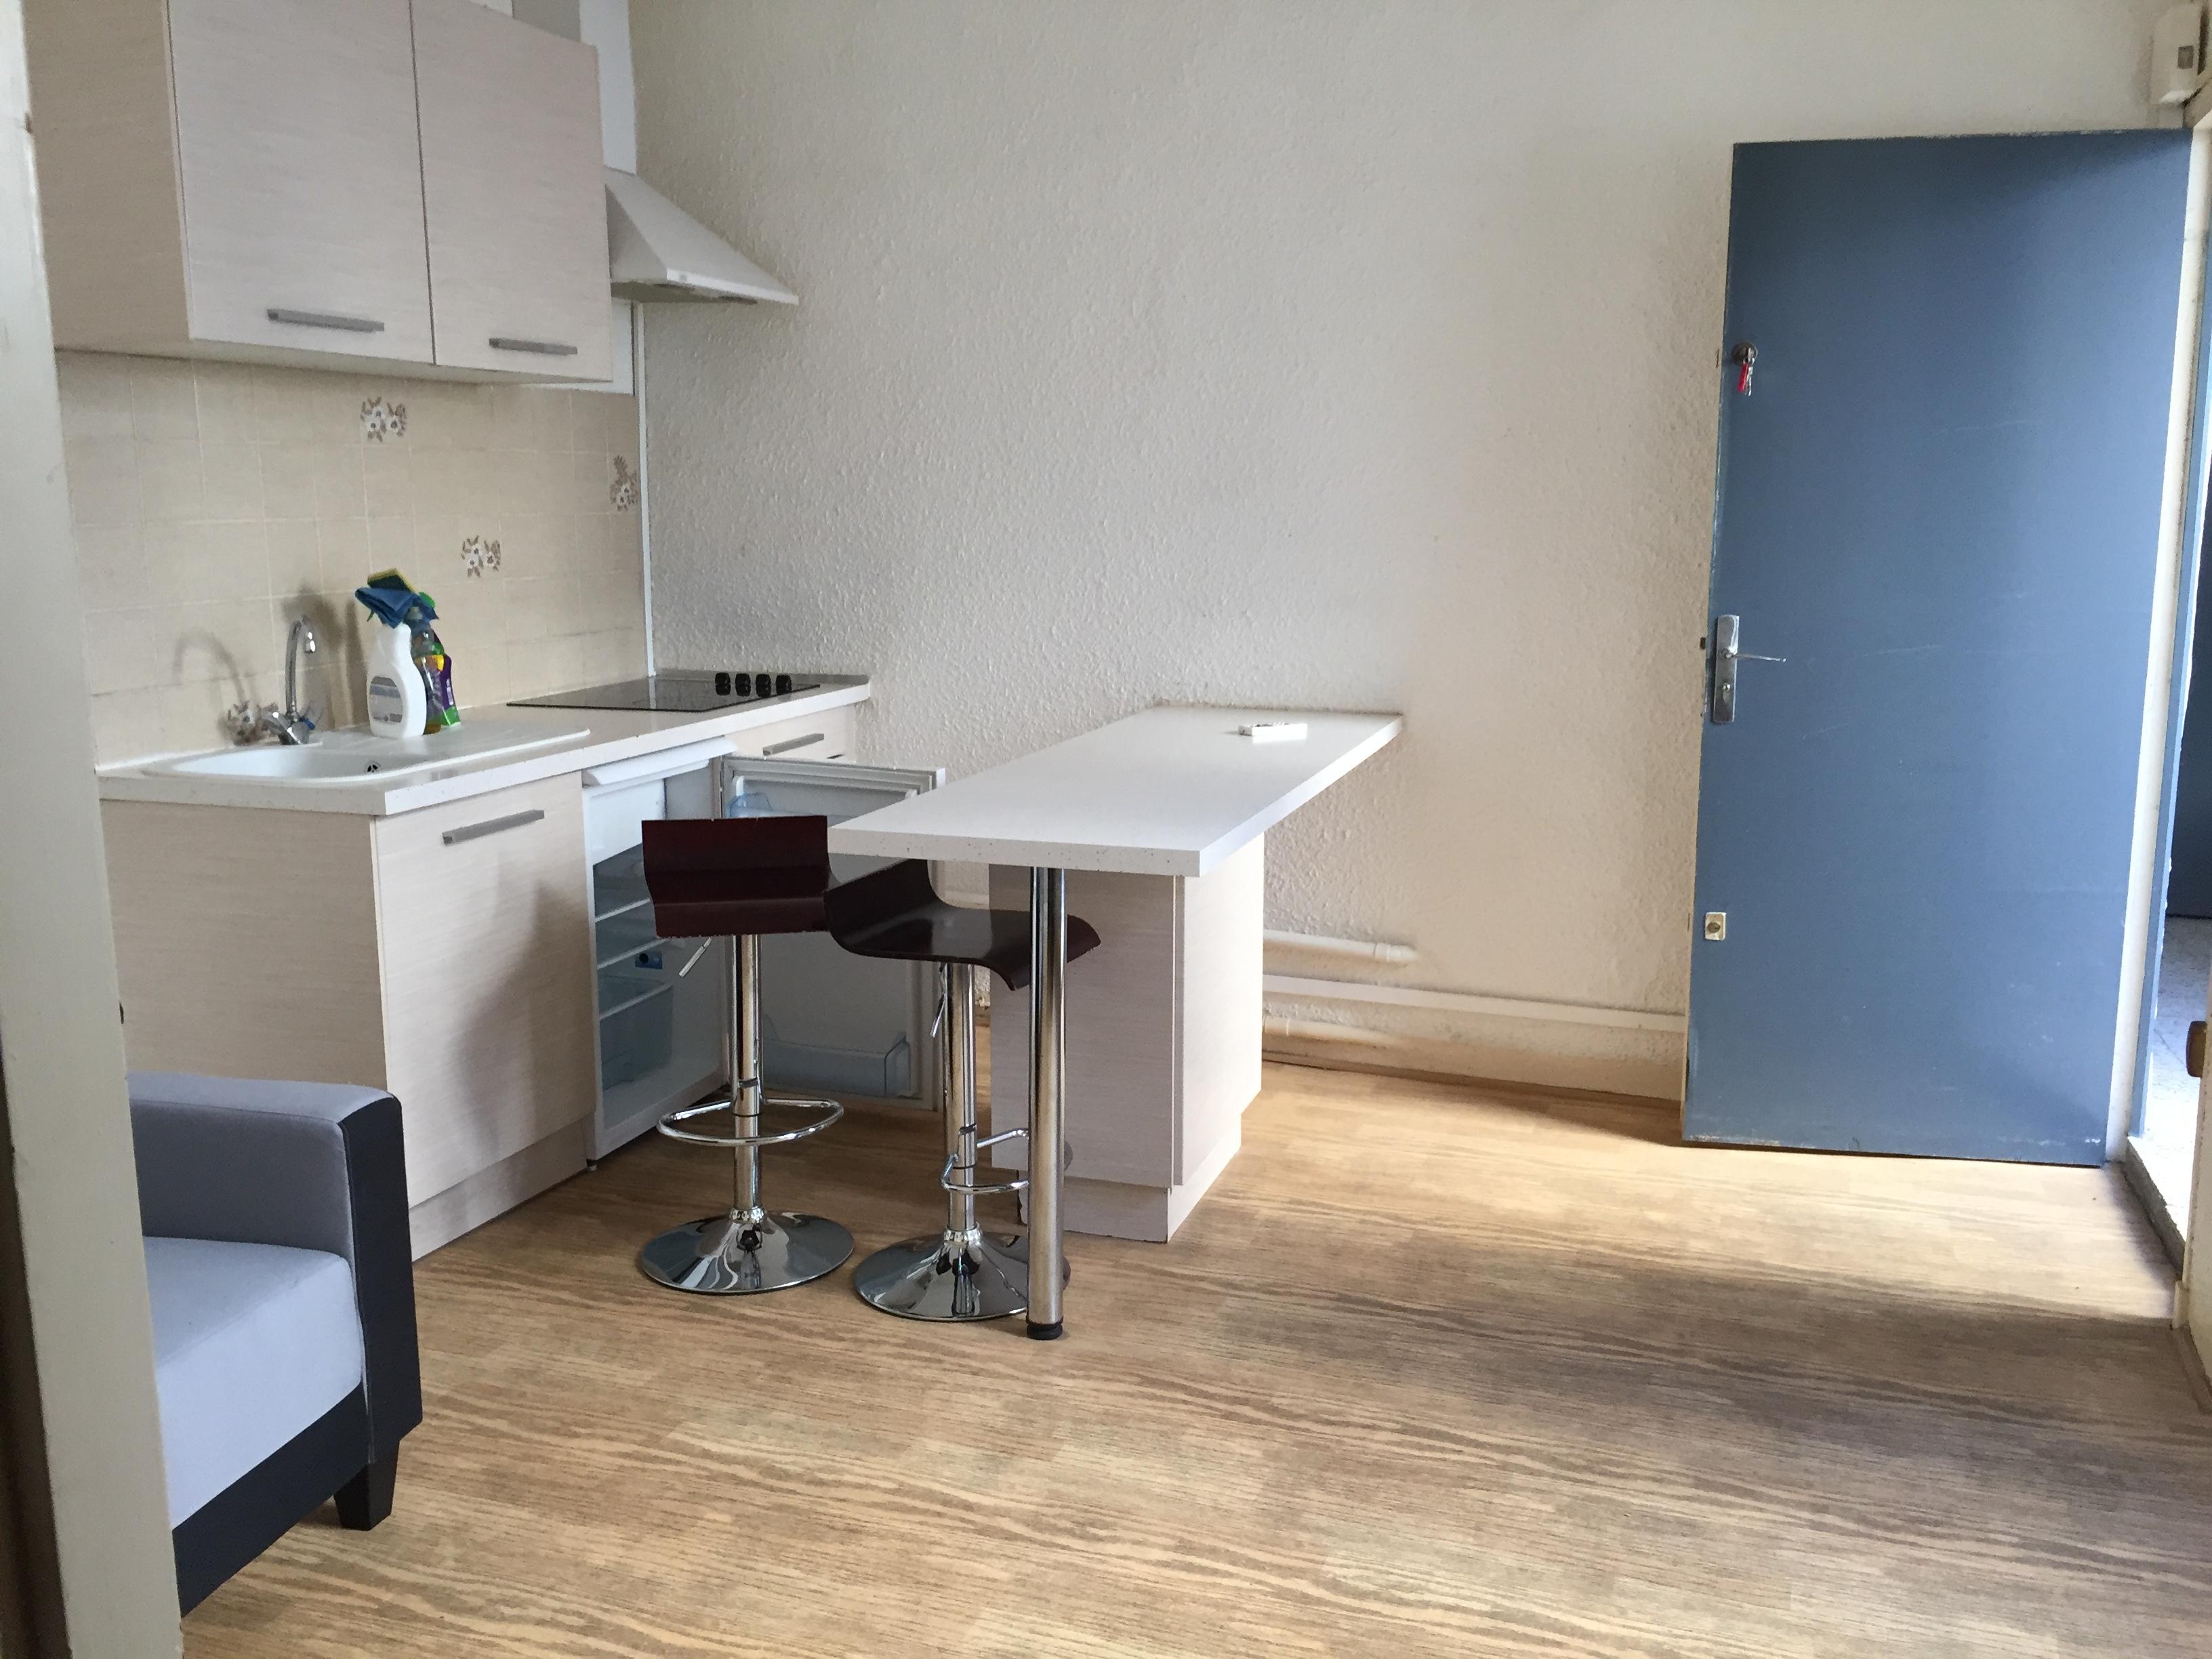 Residence etudiante pour prepa et ecole - creajeux - location stuio appartement centre ville de Nimes - Le Grizot